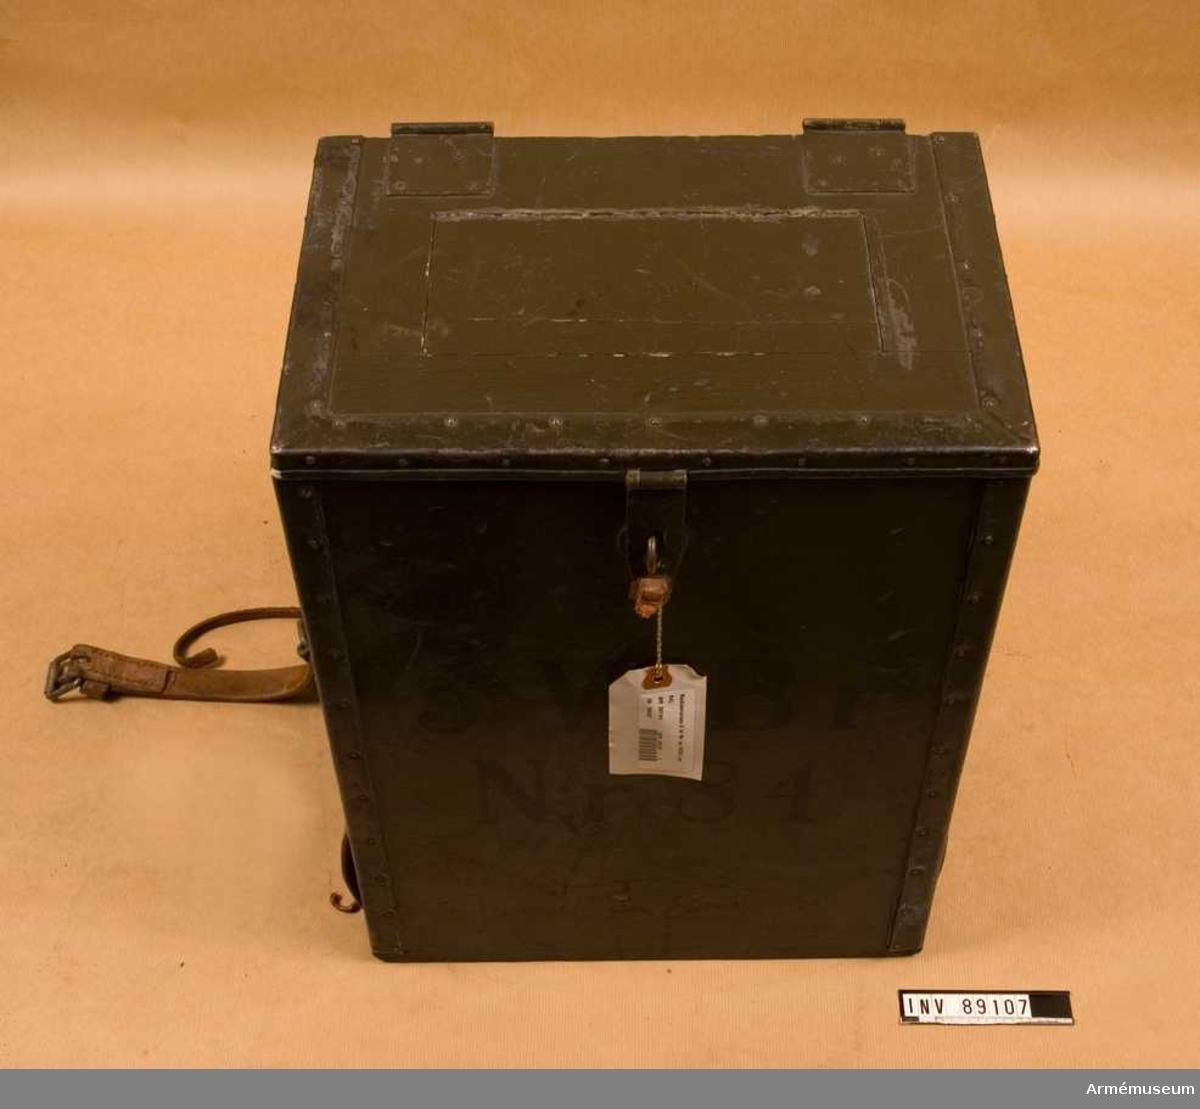 Grupp H II. 5 W bärbar radiostation m/1930 (nr 84) för bl. a. transport i rem över axeln eller mesar. Arméns första fastställda radiostation för telefoni. Räckvidd 2-10 km. Artilleriet.